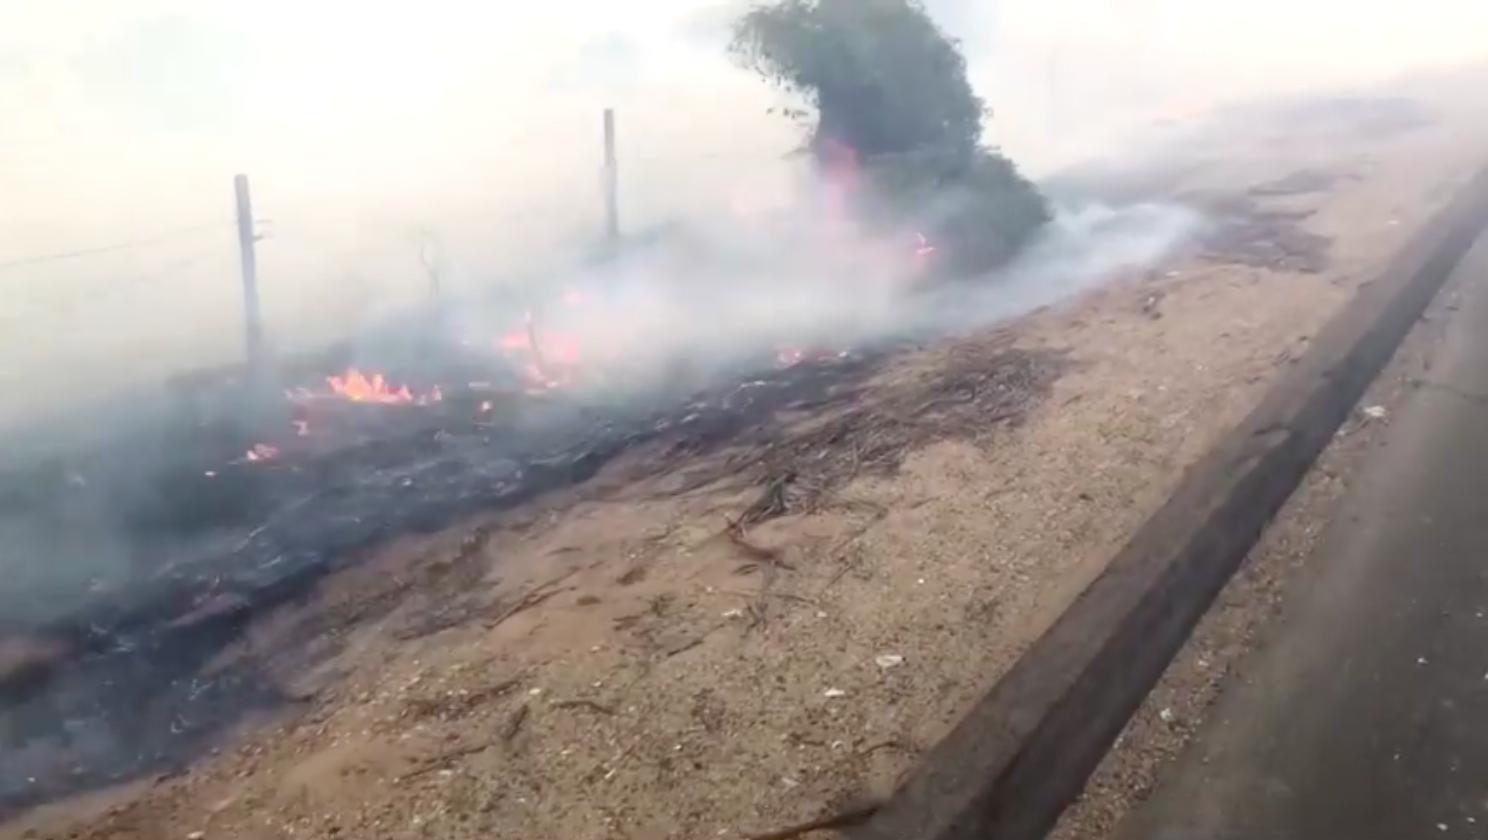 Thời tiết khô và gió mạnh trở lại miền Nam California, khiến nguy cơ cháy rừng tăng mạnh